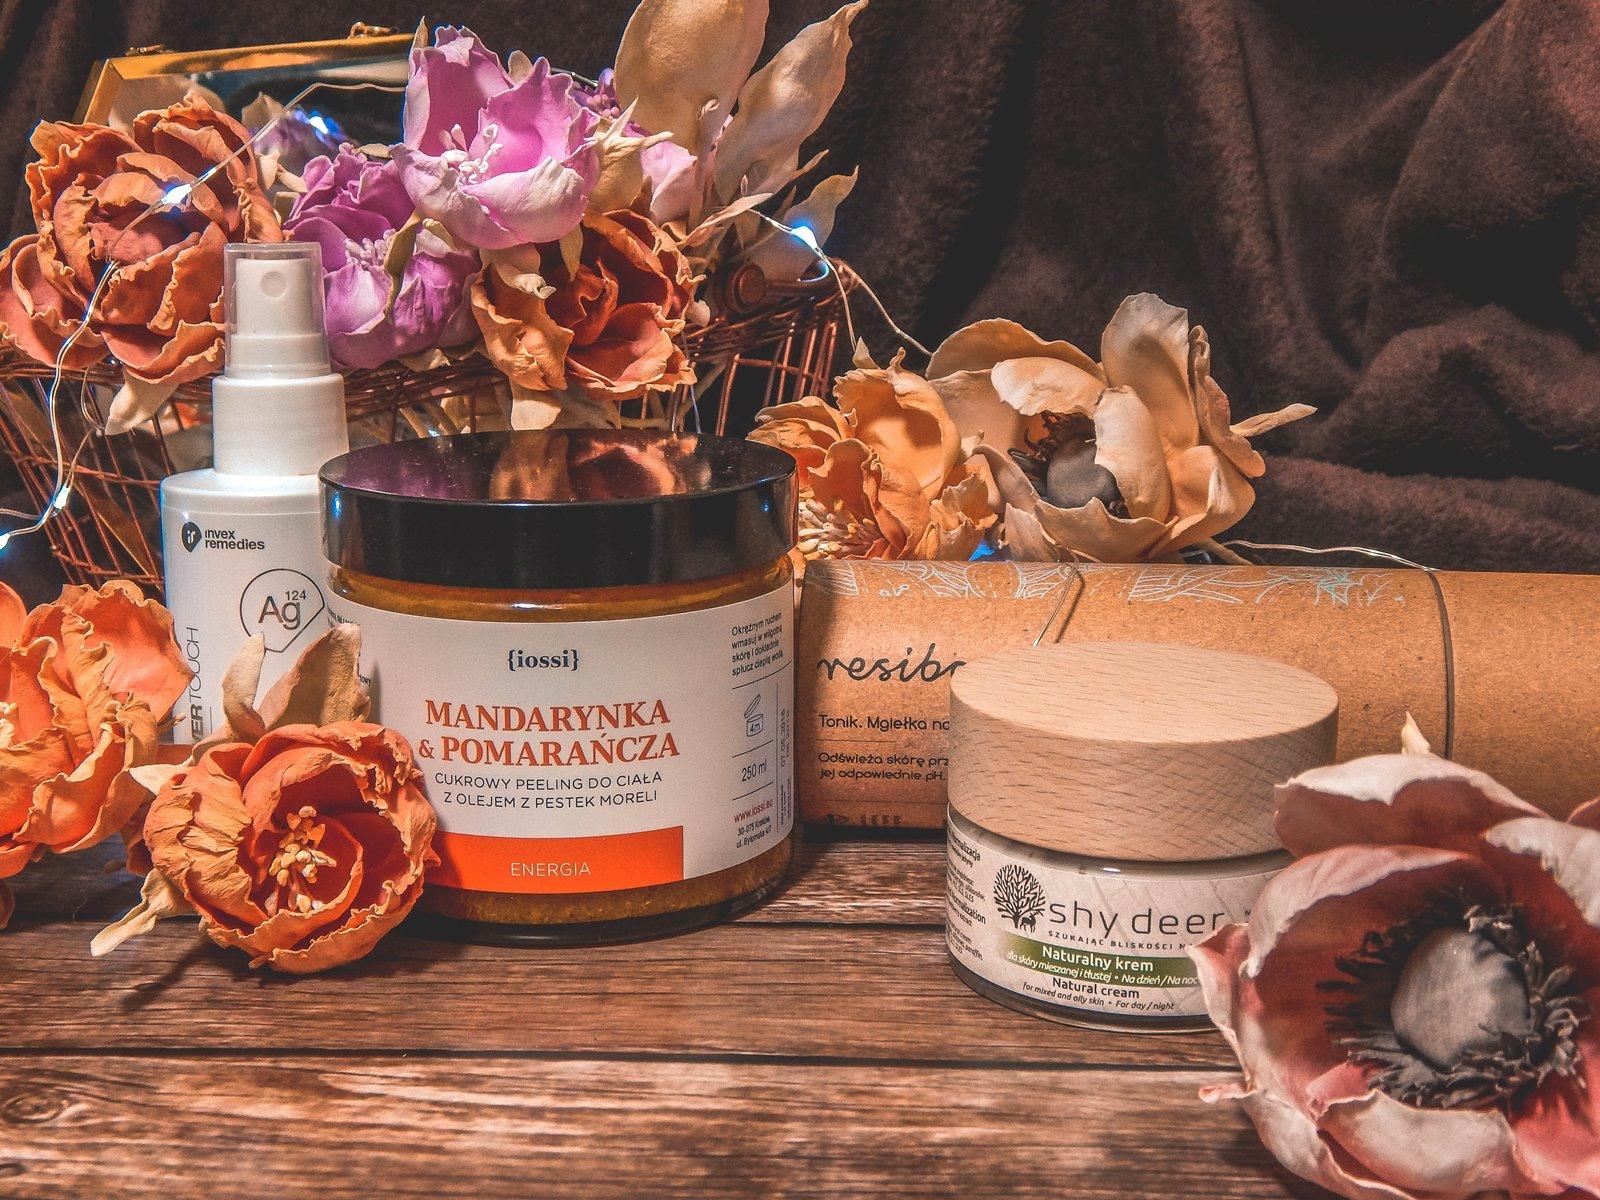 1 kosmetyki idealne na jesień do skóry szarej zmęczonej tłustej suchej mieszanej blog recenzja opinie trzy zorze kosmetykoholiczka pielęgnacja naturalne produkty wiecznie żywe kwiaty do zdjęć sztuczne